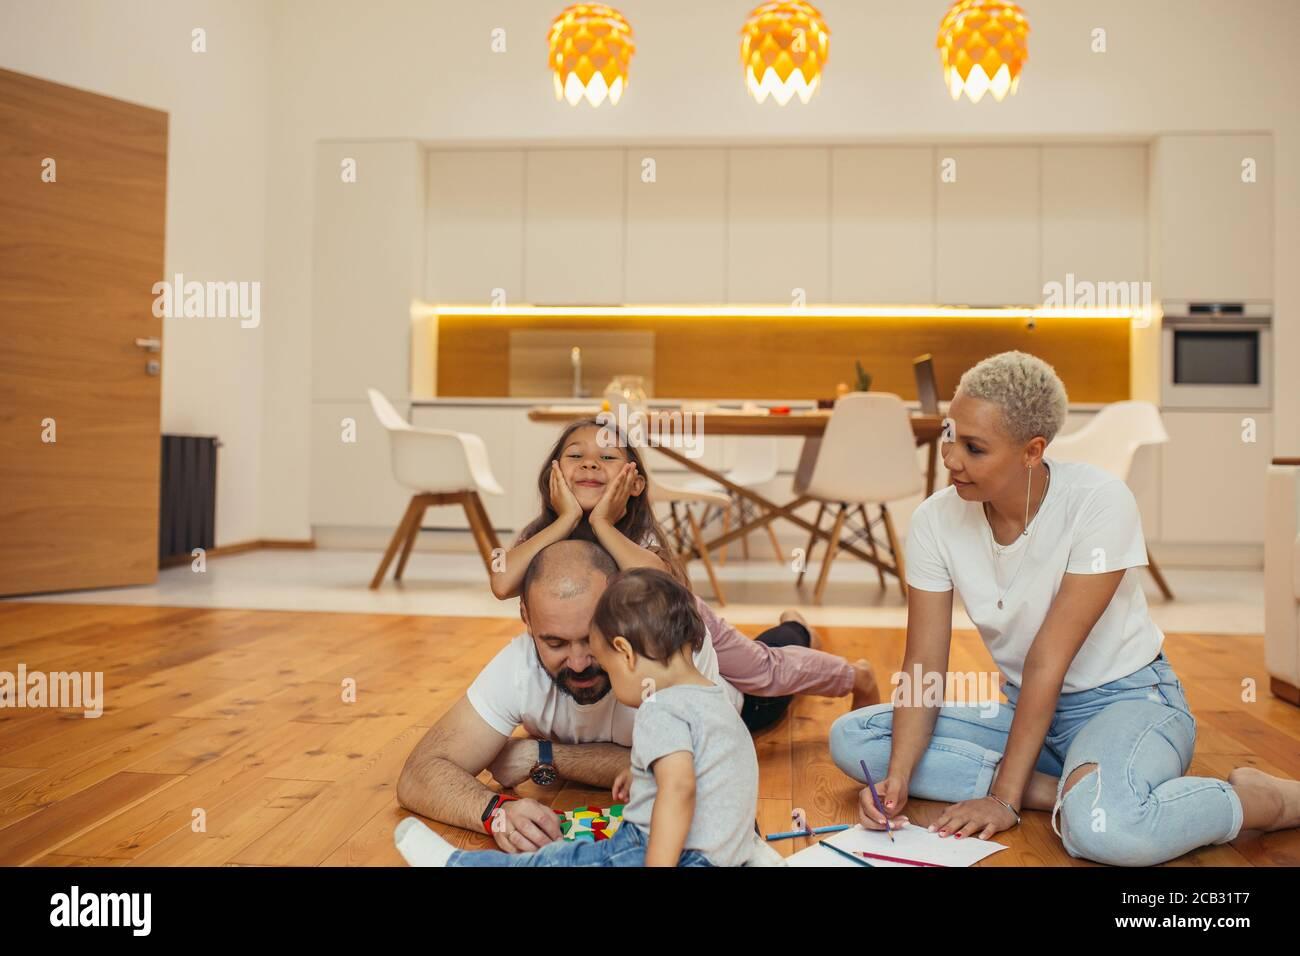 Famille s'amuser ensemble dans le salon de la maison. Maman, papa et deux enfants sur le sol dessin, rire, jouer. Happy Family concept Banque D'Images